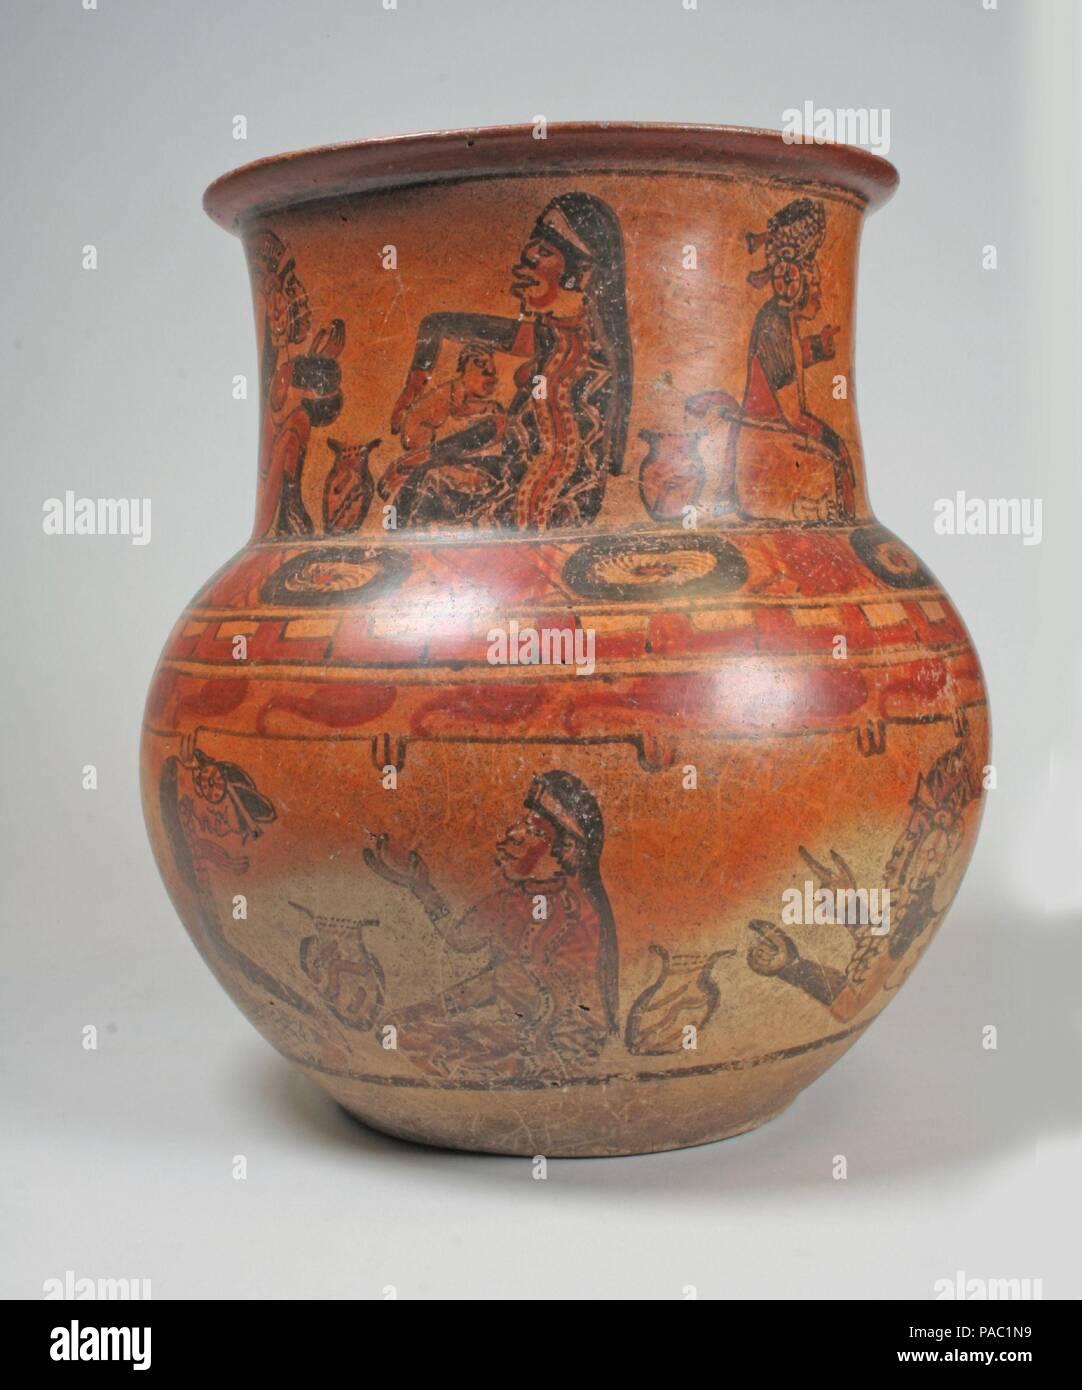 Jar, rituale scene  Cultura: Maya  Dimensioni: H  11 1/2 in